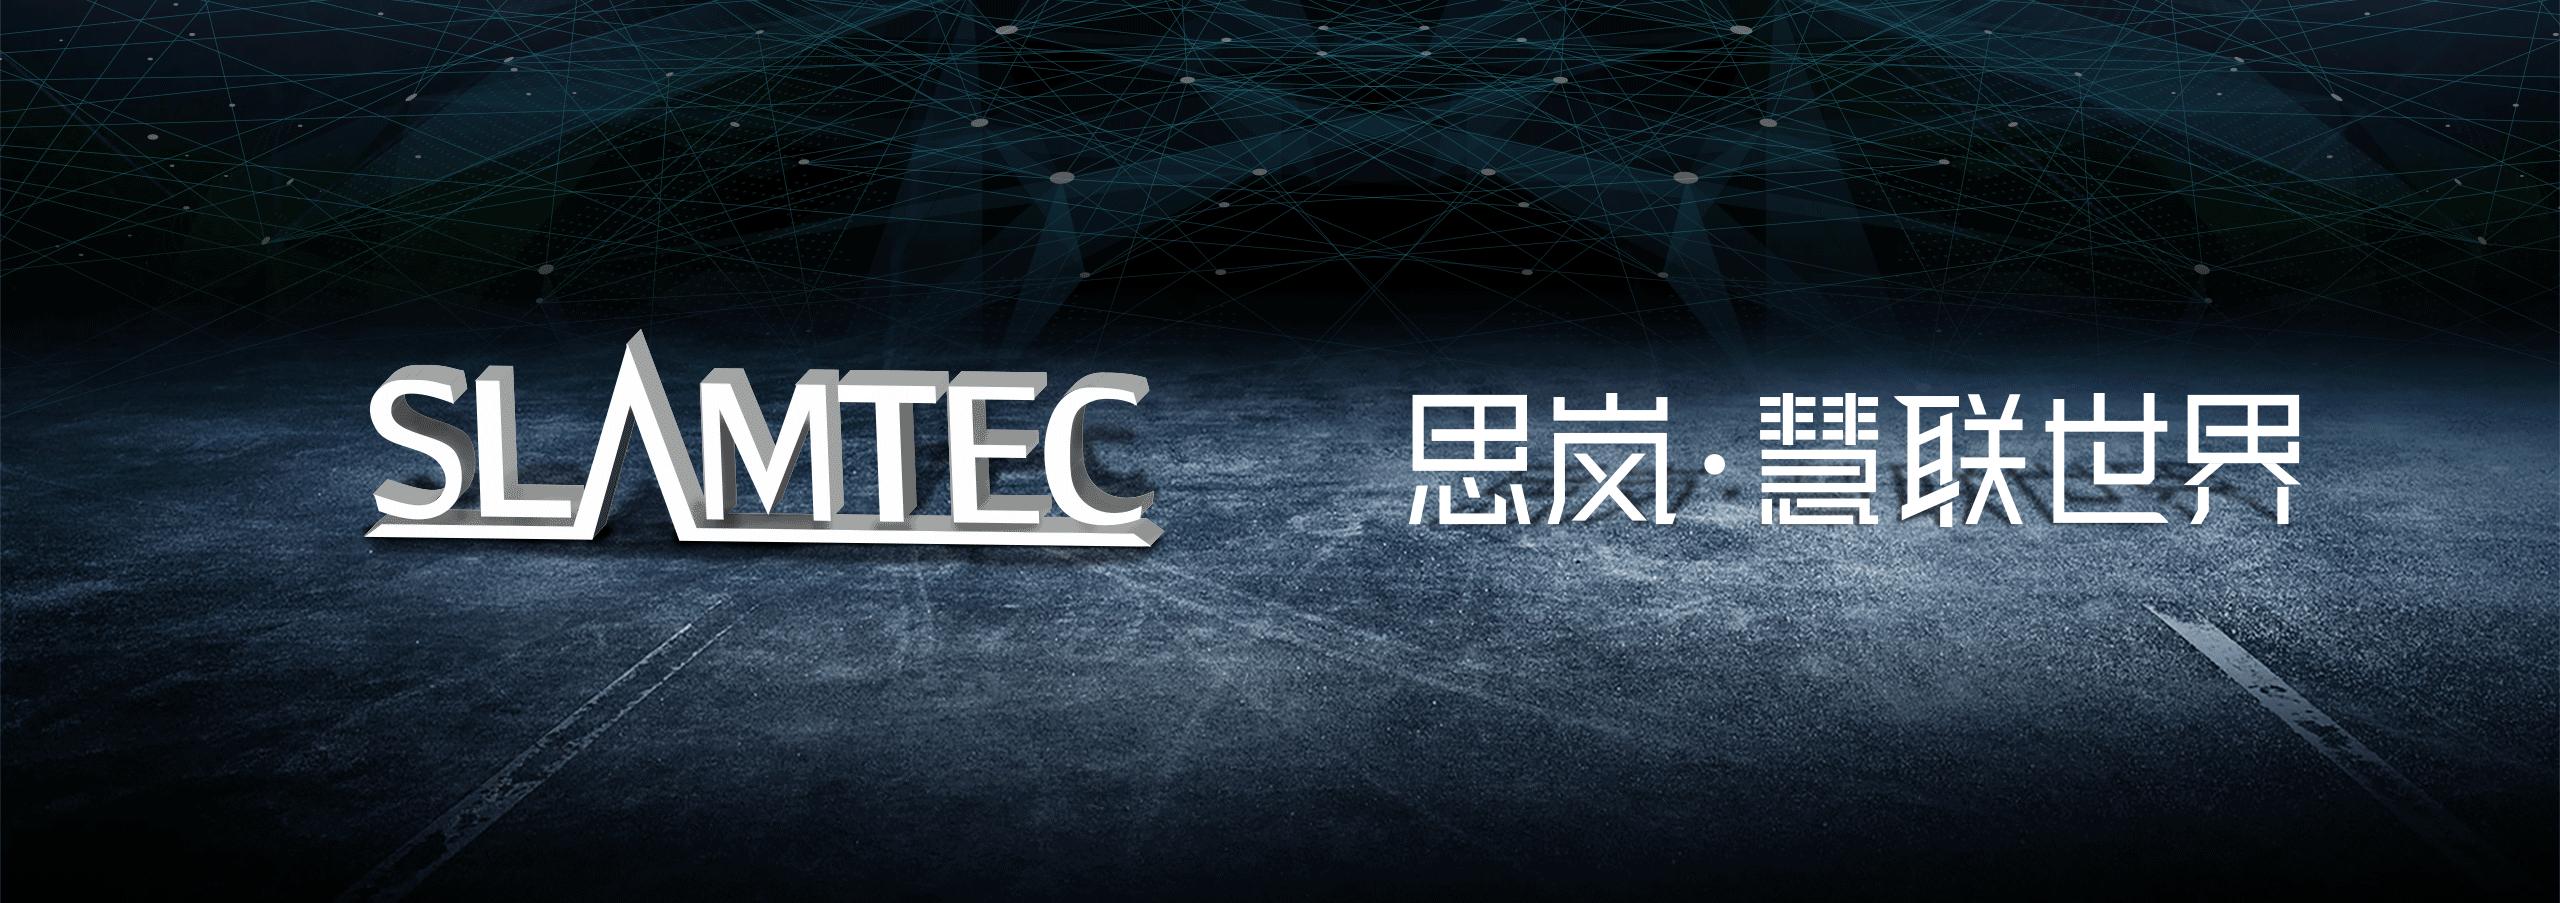 上海思岚科技有限公司 - 服务机器人自主定位导航方案(SLAM)领导品牌